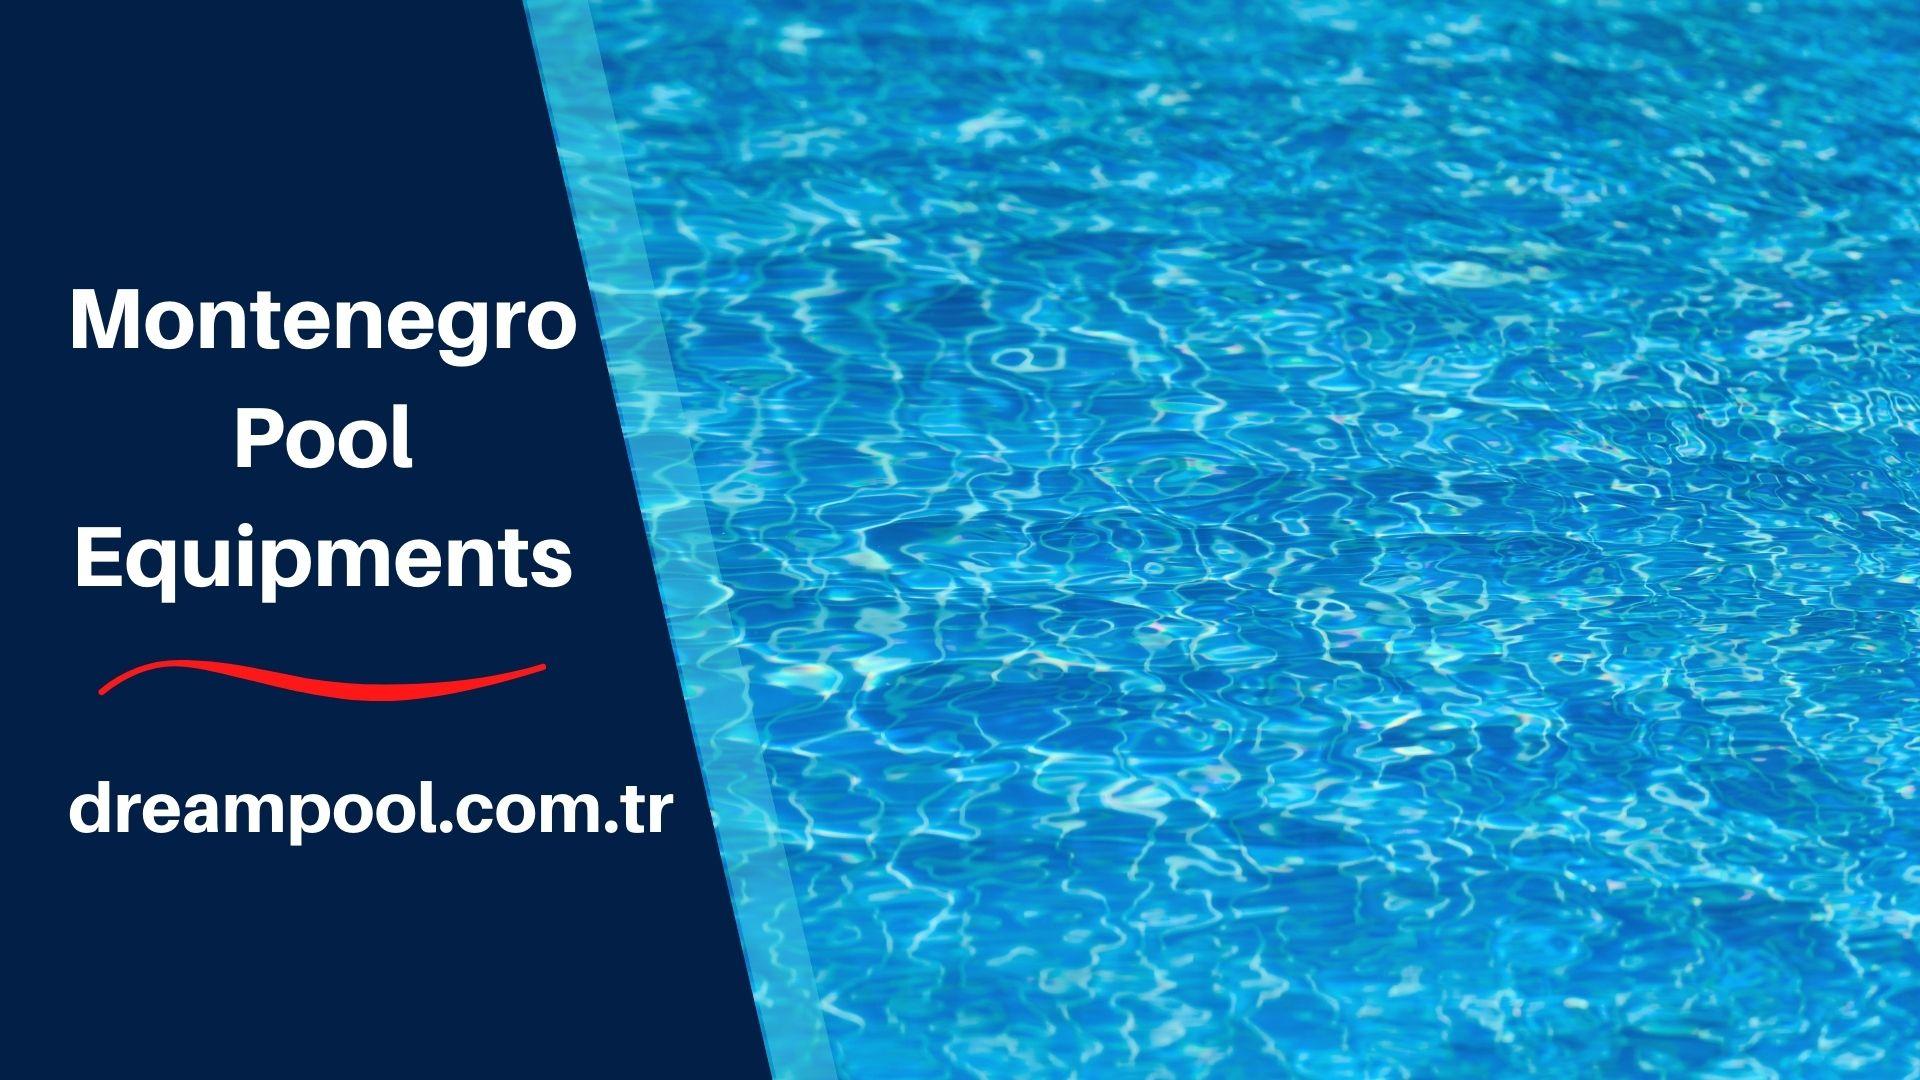 montenegro-pool-equipments